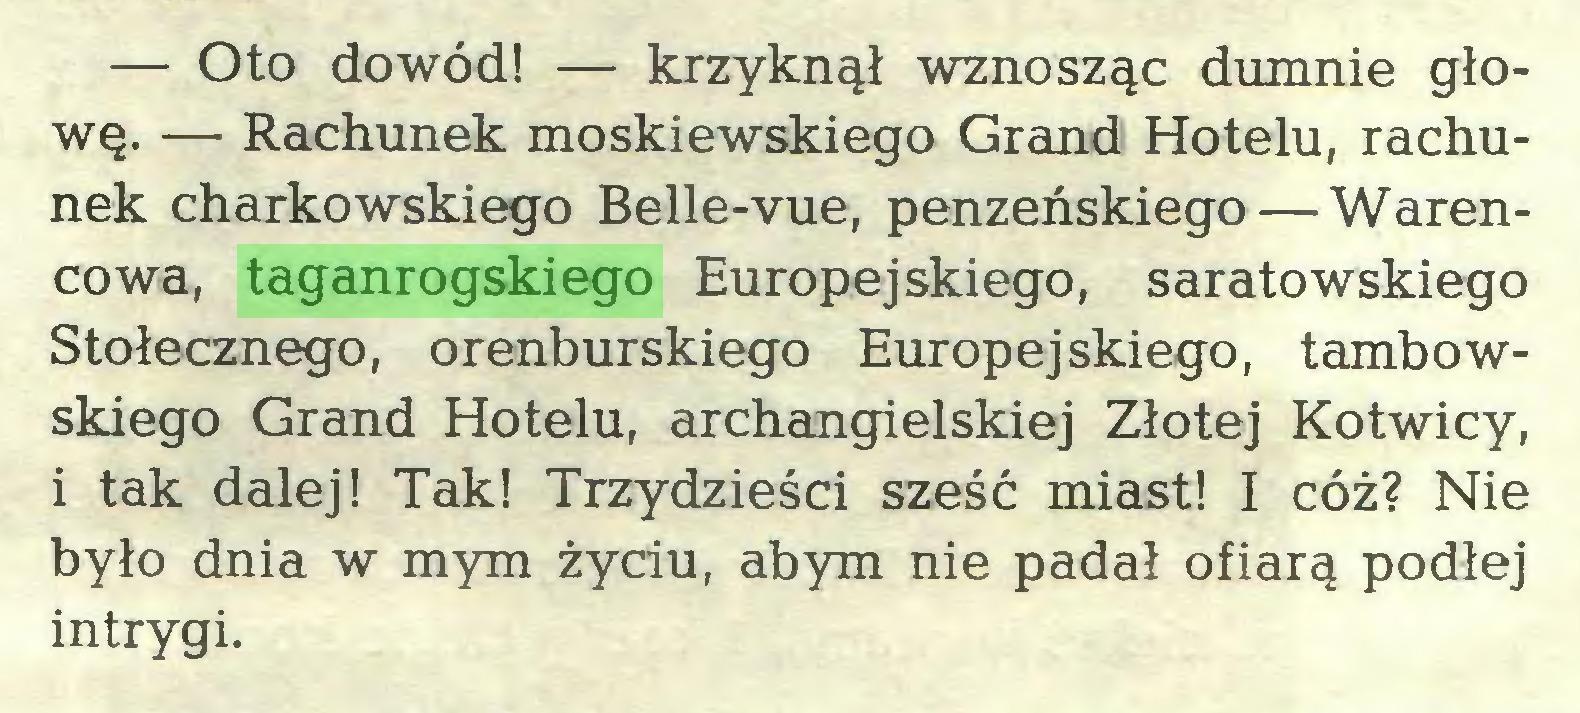 (...) — Oto dowód! — krzyknął wznosząc dumnie głowę. — Rachunek moskiewskiego Grand Hotelu, rachunek charkowskiego Belle-vue, penzeńskiego — Warencowa, taganrogskiego Europejskiego, saratowskiego Stołecznego, orenburskiego Europejskiego, tambowskiego Grand Hotelu, archangielskiej Złotej Kotwicy, i tak dalej! Tak! Trzydzieści sześć miast! I cóż? Nie było dnia w mym życiu, abym nie padał ofiarą podłej intrygi...